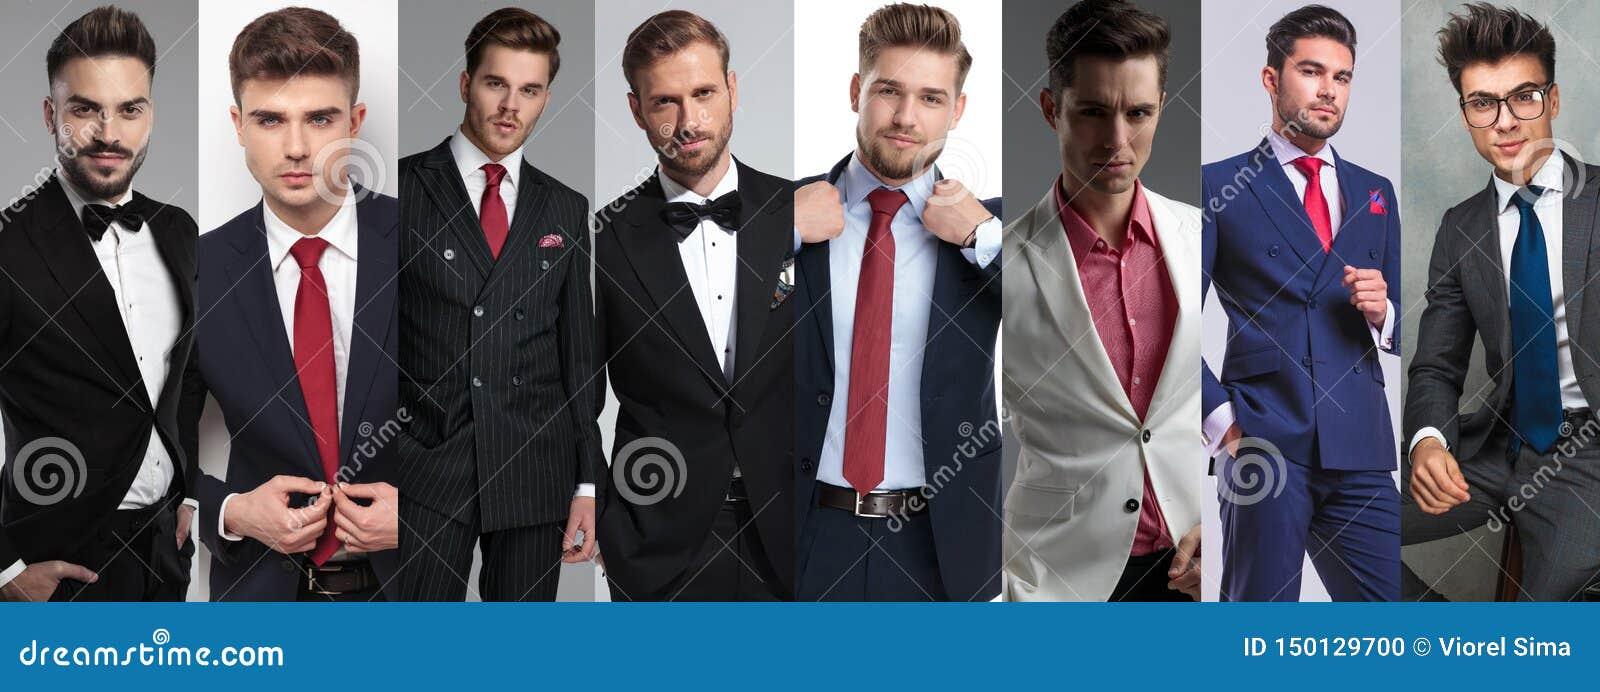 Un fotomontaggio posa casuale di otto di giovane uomini